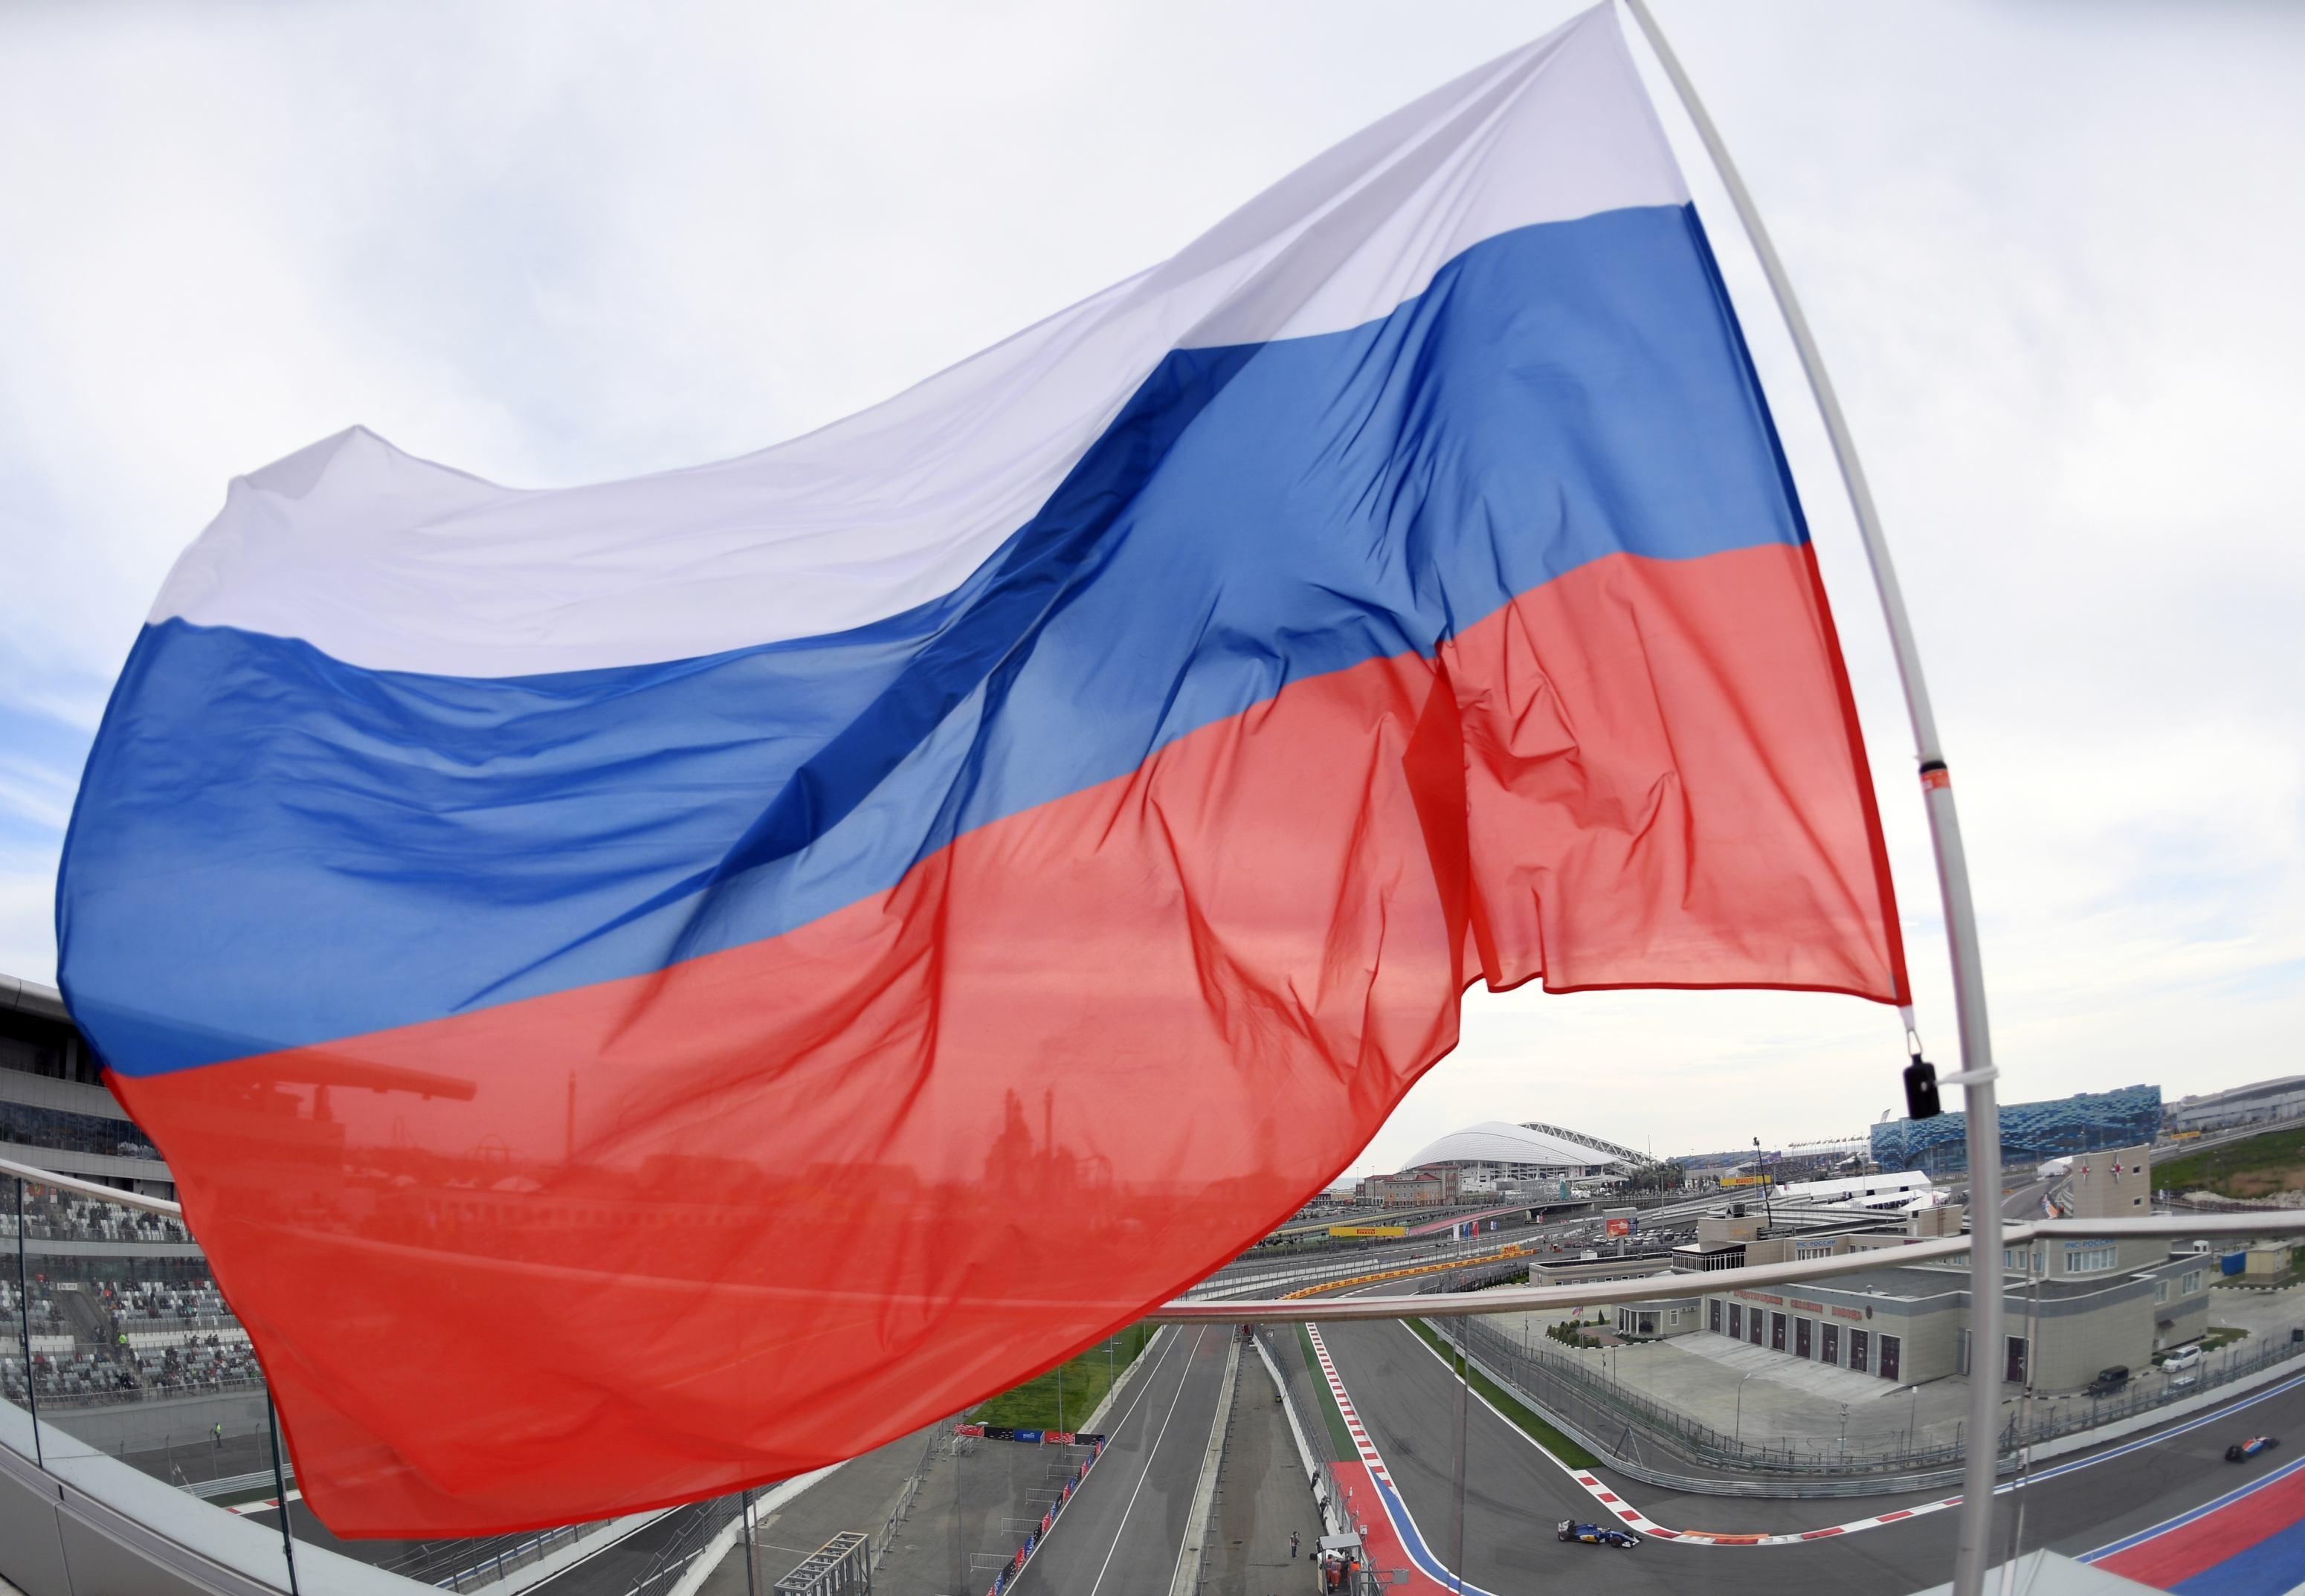 Moscova susţine că are dreptul de a reacţiona după promulgarea legii antipropagandă din Republica Moldova